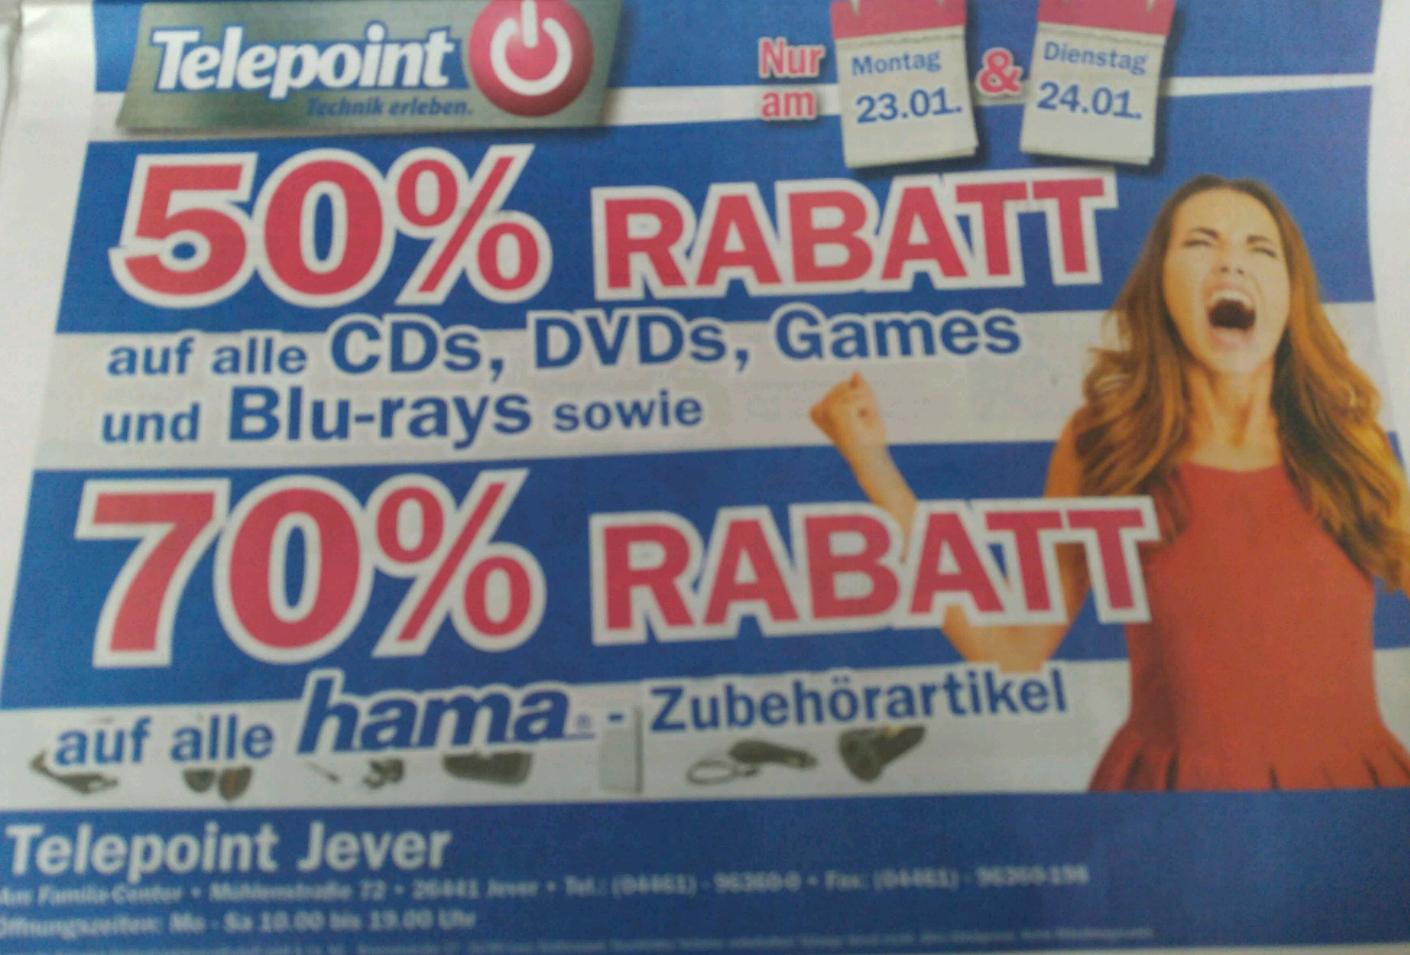 70% auf alle Hama Artikel und 50%Auf alle Spiele und Filme/Tonträger